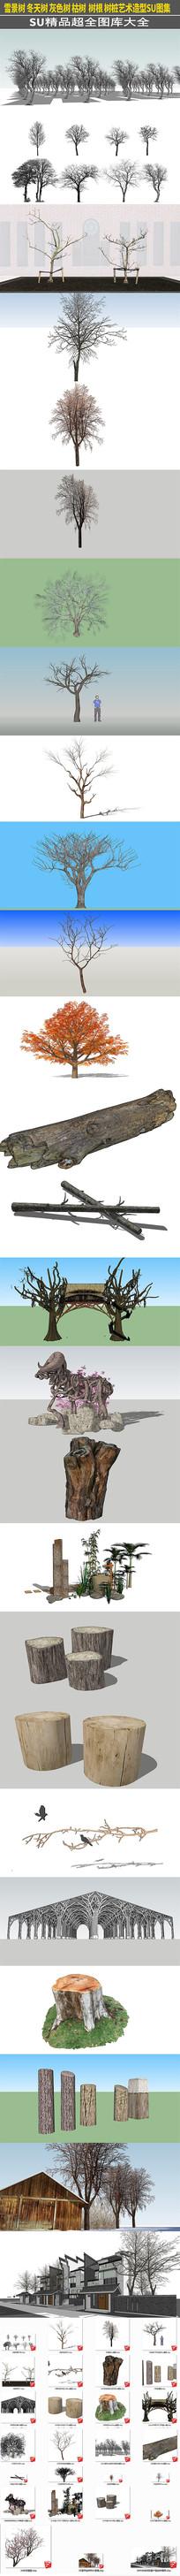 冬天枯树雪树艺术树桩等SU模型图集